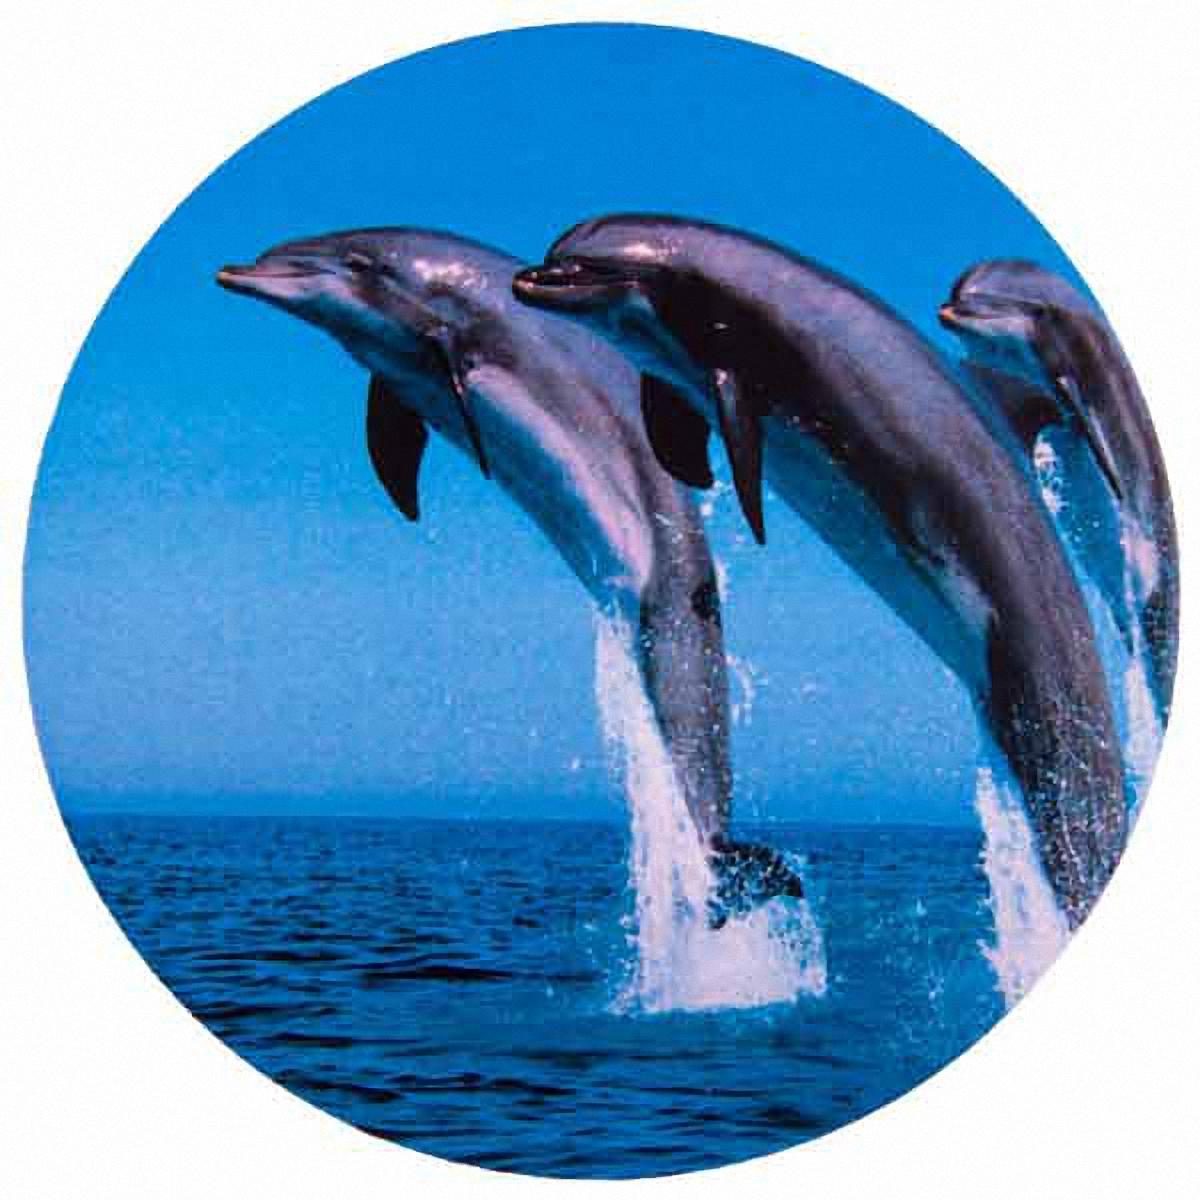 Чехол на запасное колесо Skyway Дельфины, диаметр 67 смS05801011Чехол Skyway Дельфины обеспечивает защиту запасного колеса автомобиля от загрязнений, прямых солнечных лучей, воздействия воды, посторонних предметов, агрессивных сред и других негативных факторов. Чехол изготовлен из прочной экокожи, которая легко моется и надолго сохраняет внешний вид. Чехол оформлен оригинальным изображением дельфинов и снабжен резинкой для легкого надевания. Благодаря чехлу, колесо сохранит свой внешний вид и характеристики. Размер колеса: R15.Диаметр чехла: 67 см.